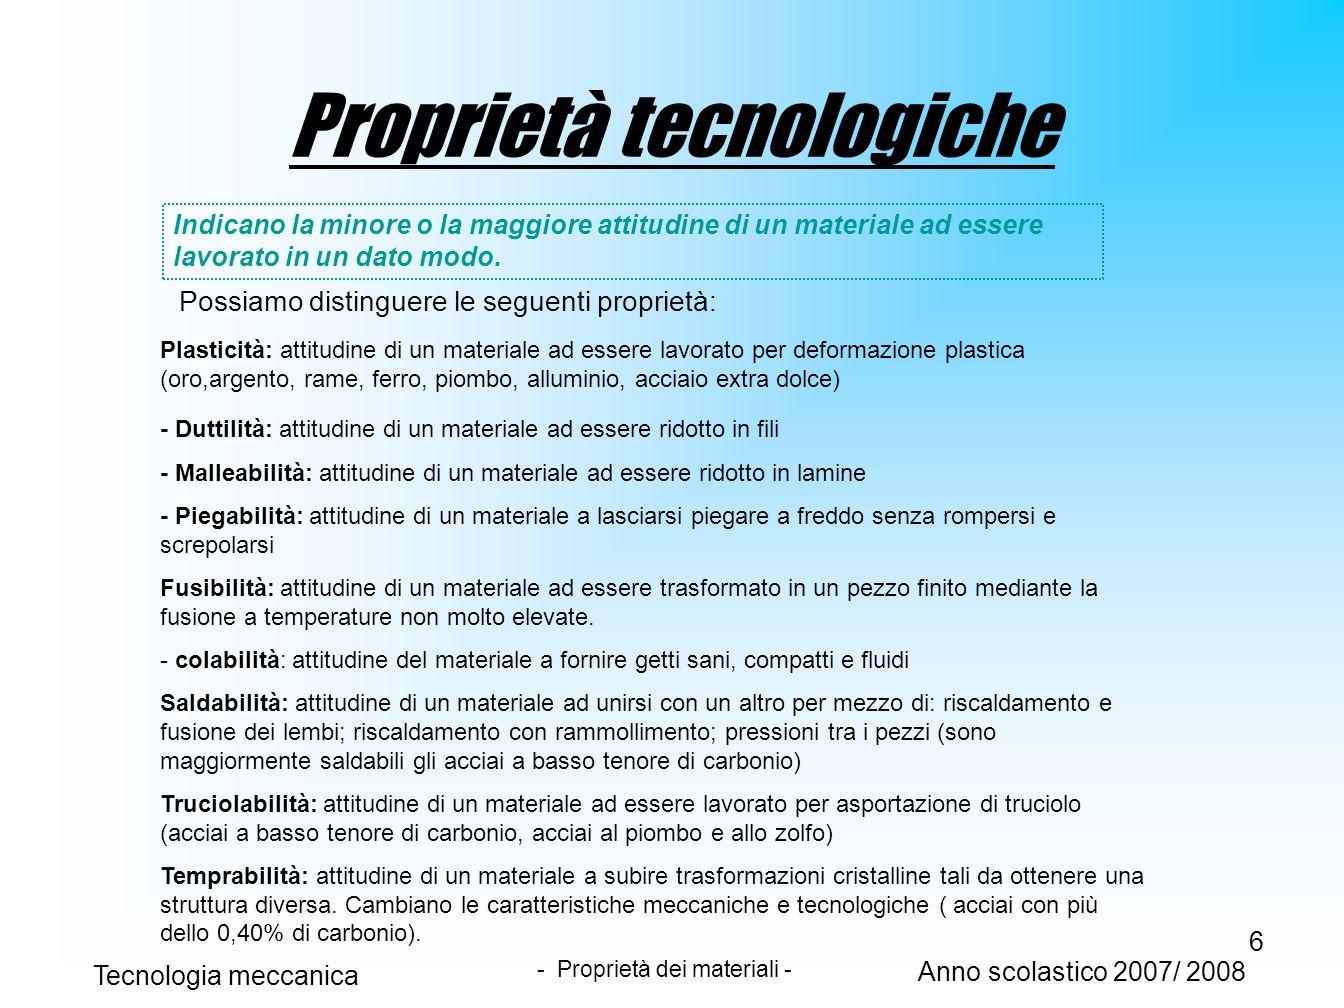 Proprietà tecnologiche